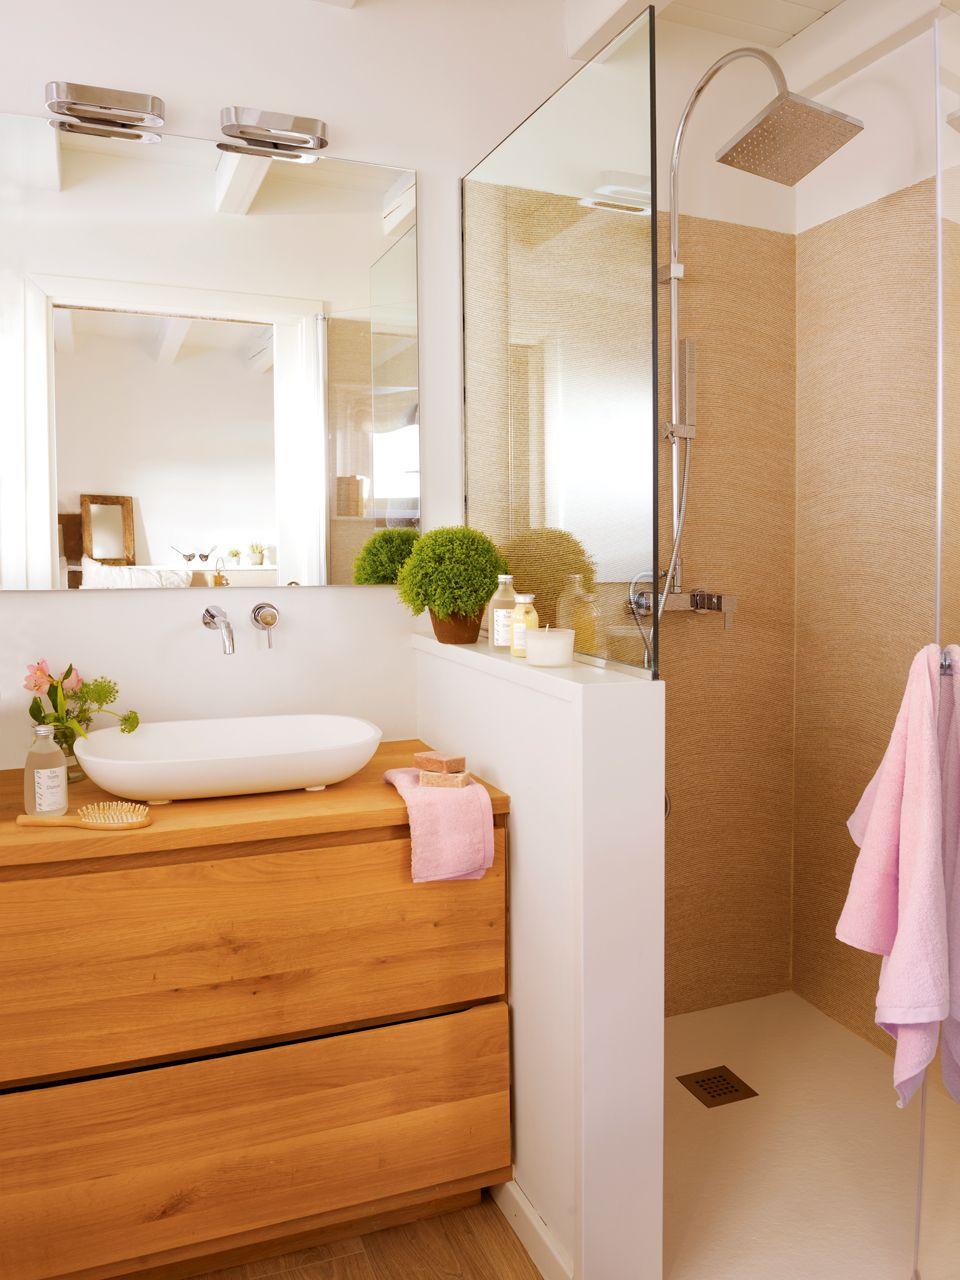 Master bedroom bathroom layout   baños pequeños pero muy completos  Reforma  Pinterest